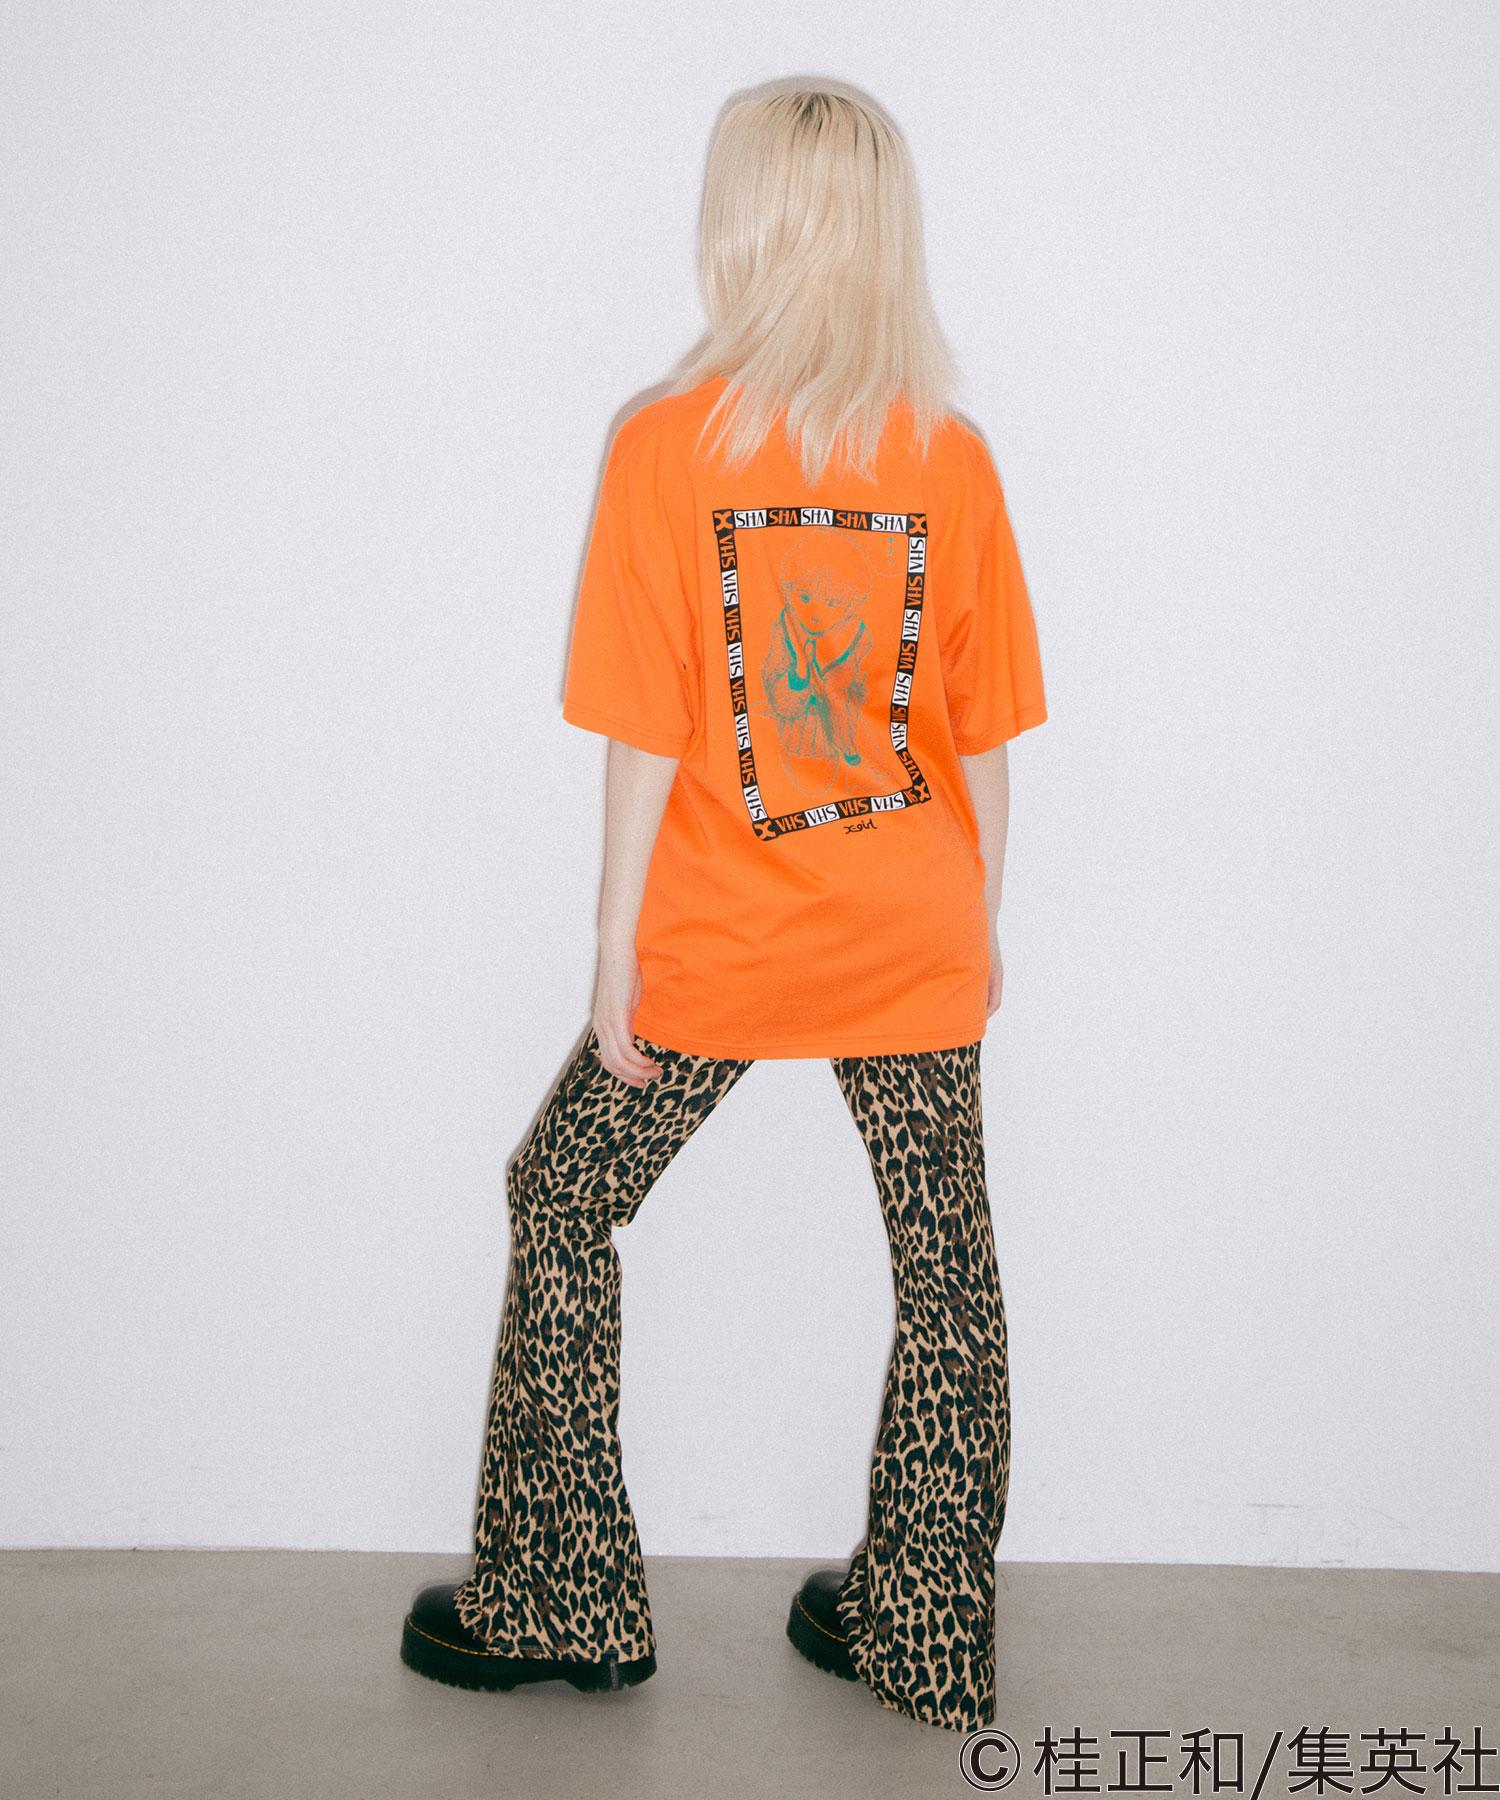 【公式】X-girlエックスガールX-girl×KATSURAMASAKAZUDENEISYOJYOSCENES/STEETシャツトップスプリントロゴショートスリーブコラボ